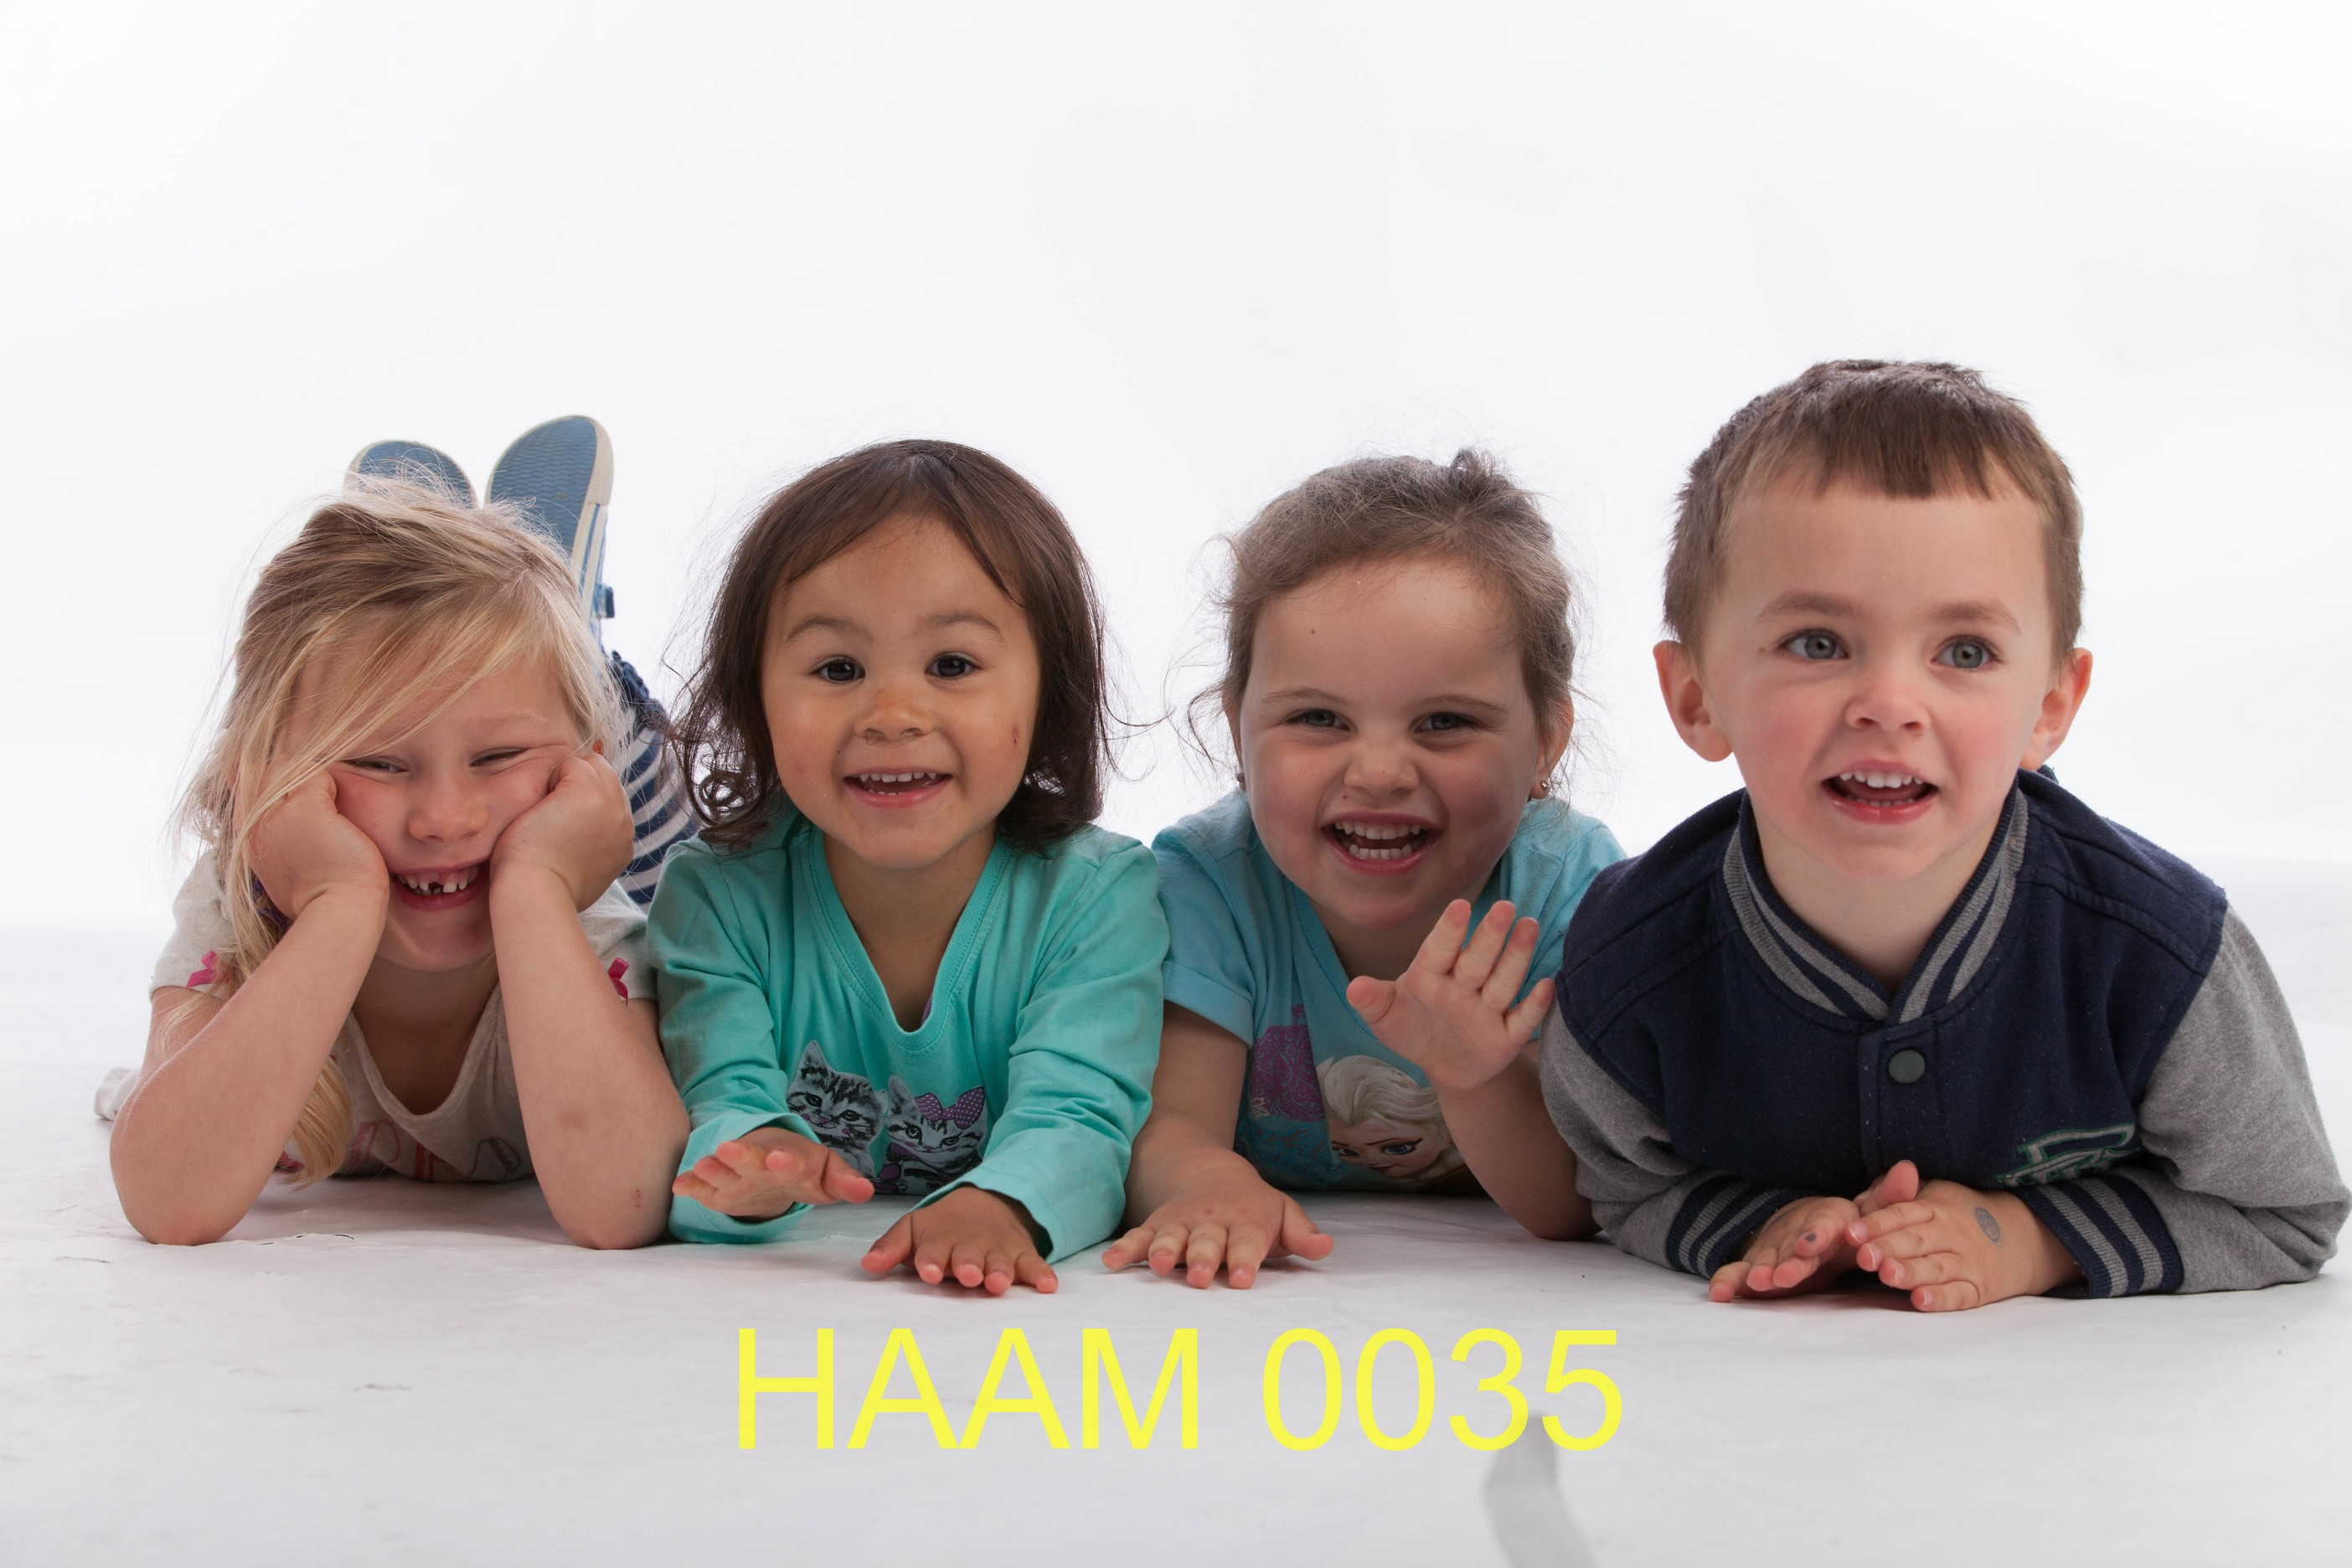 HAAM 0035